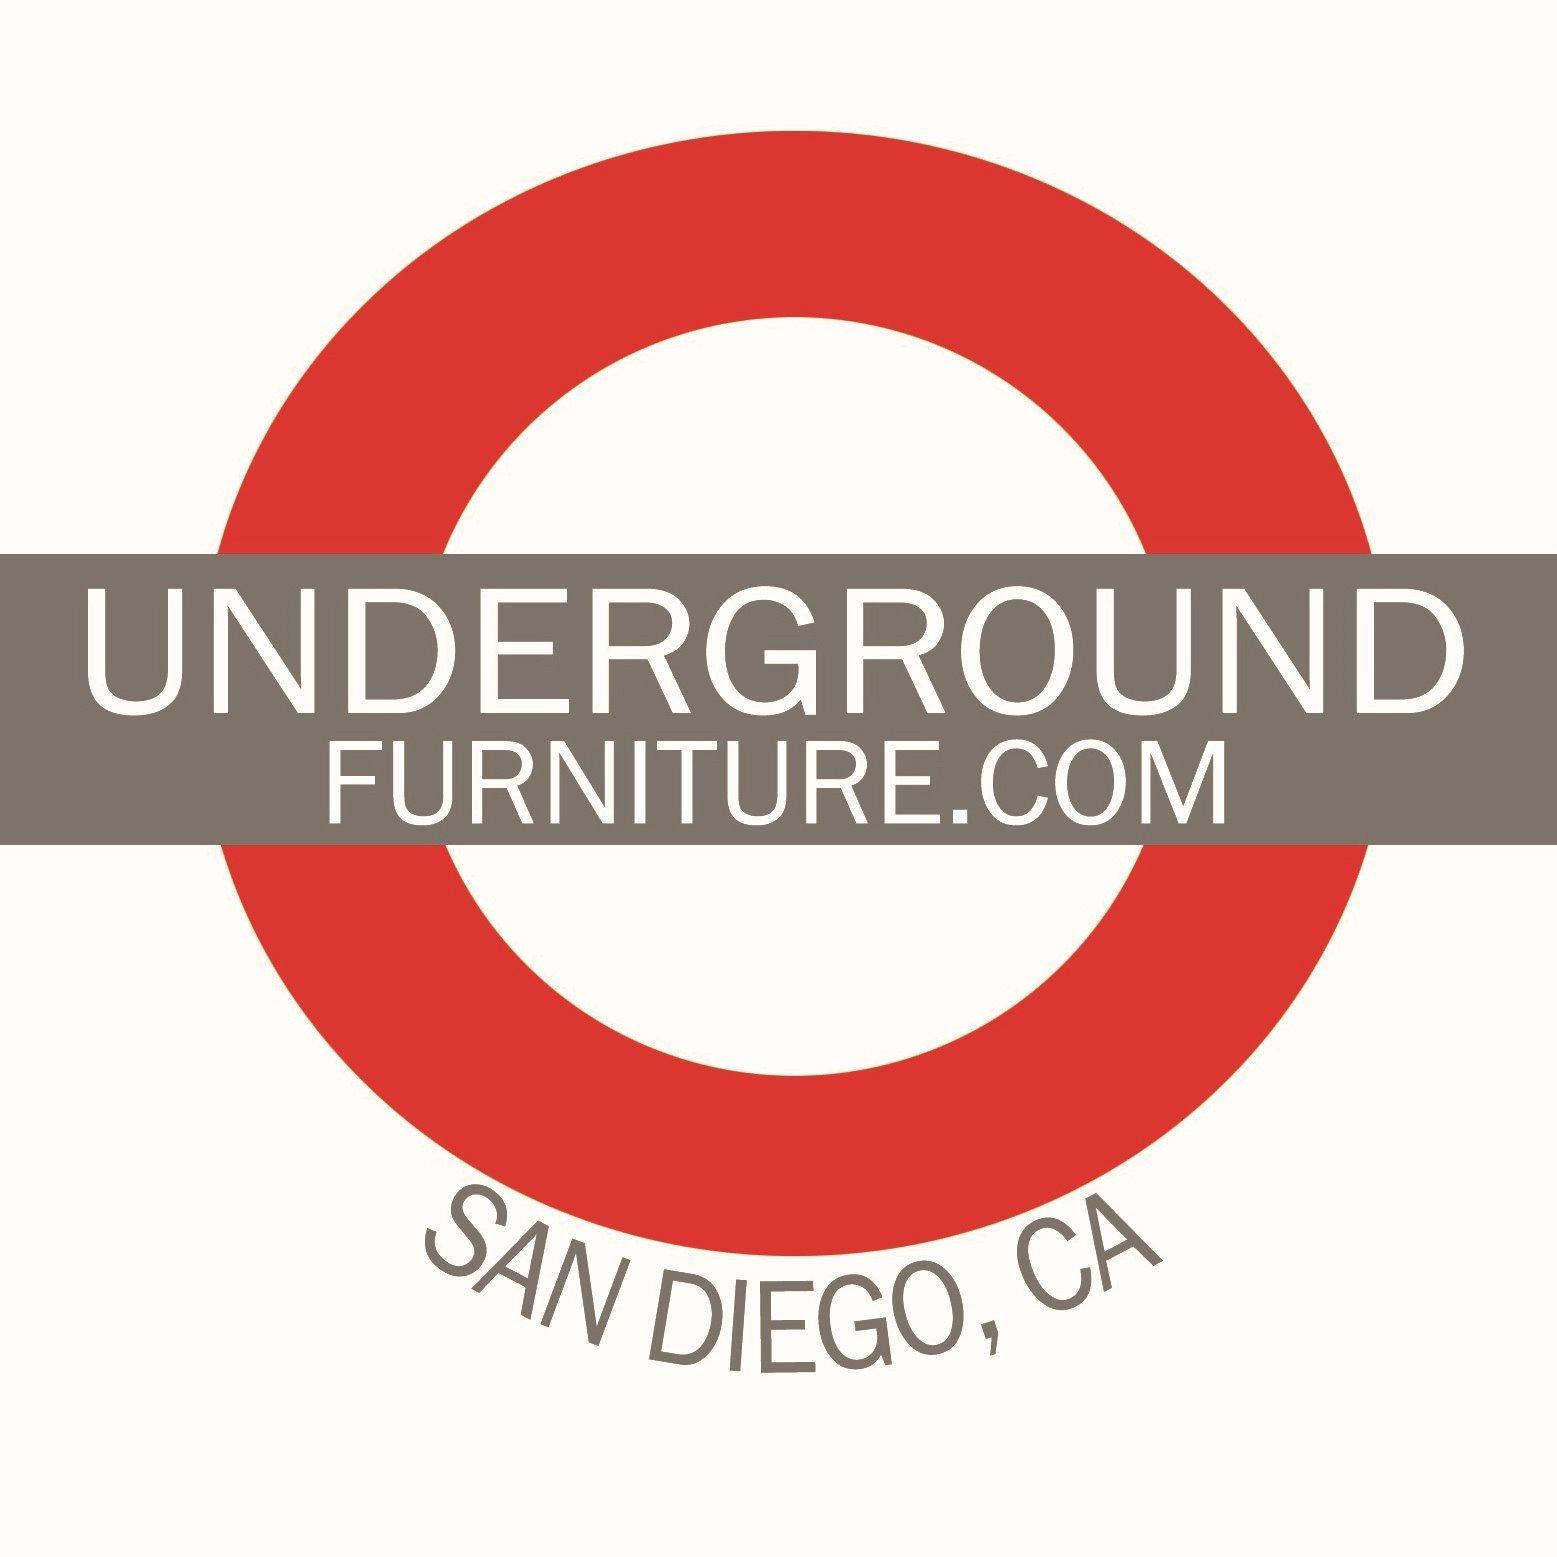 Underground Furniture